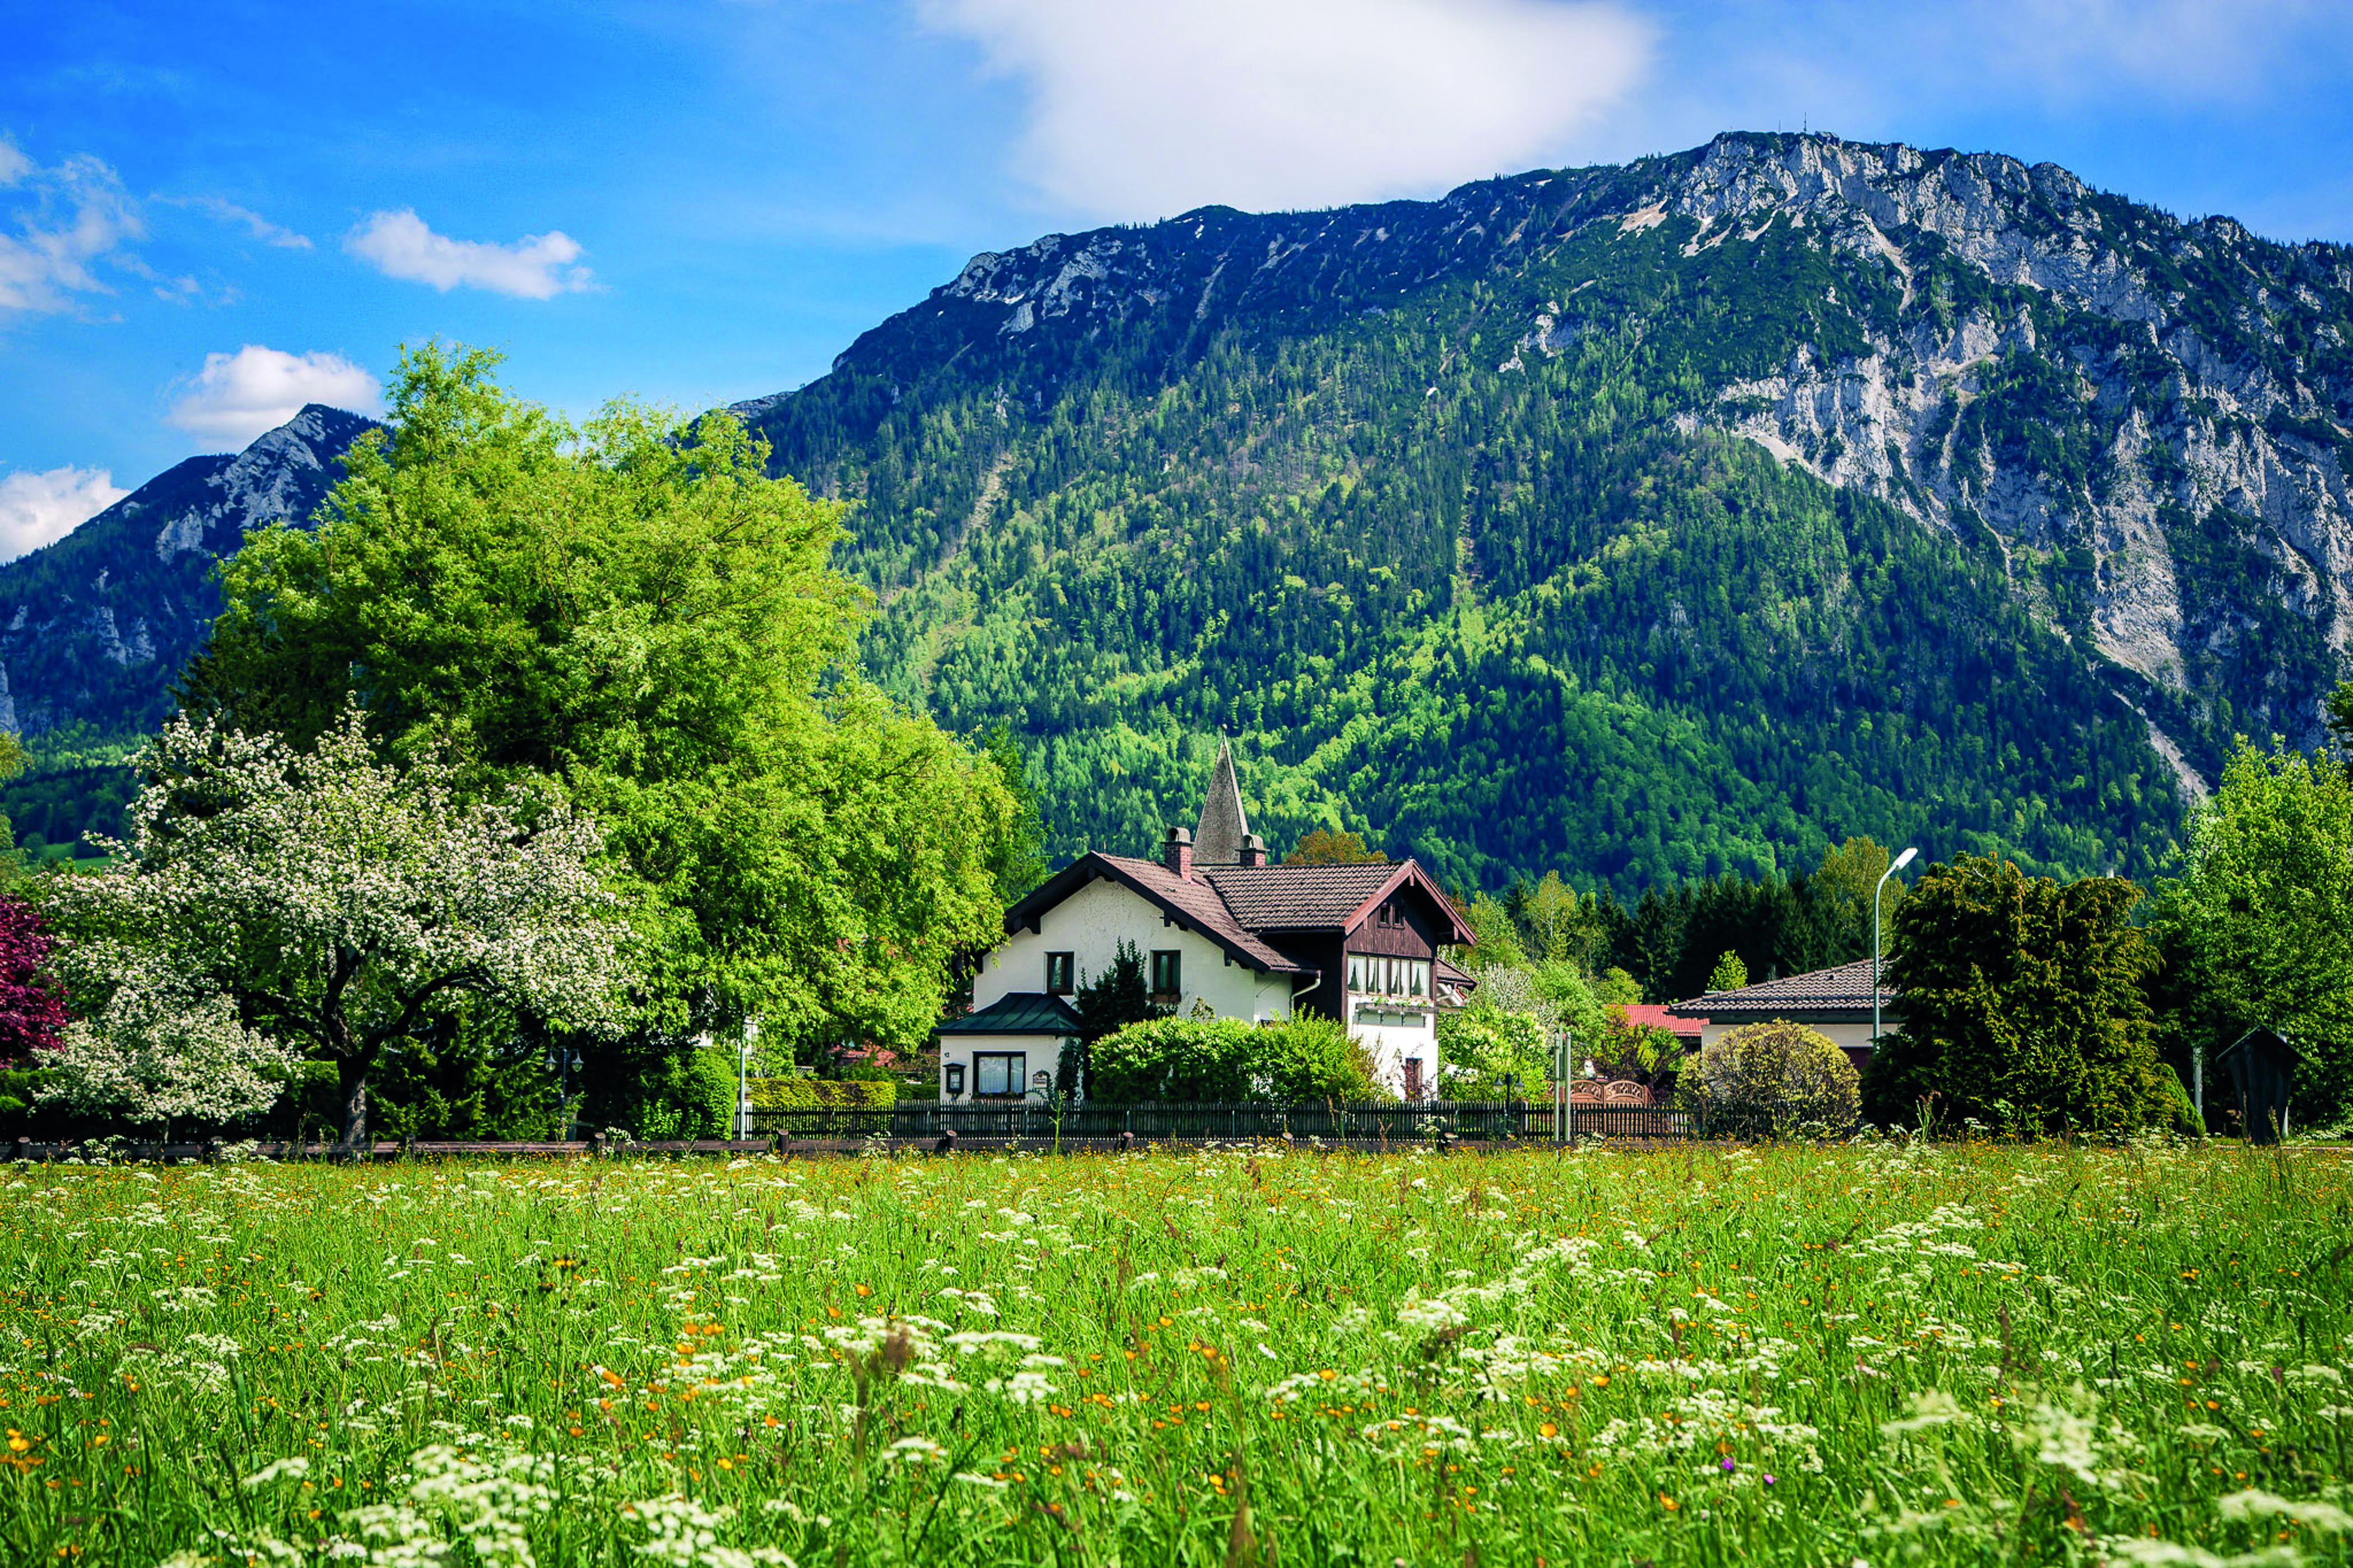 Ferienhaus-mit Rauschberg-352